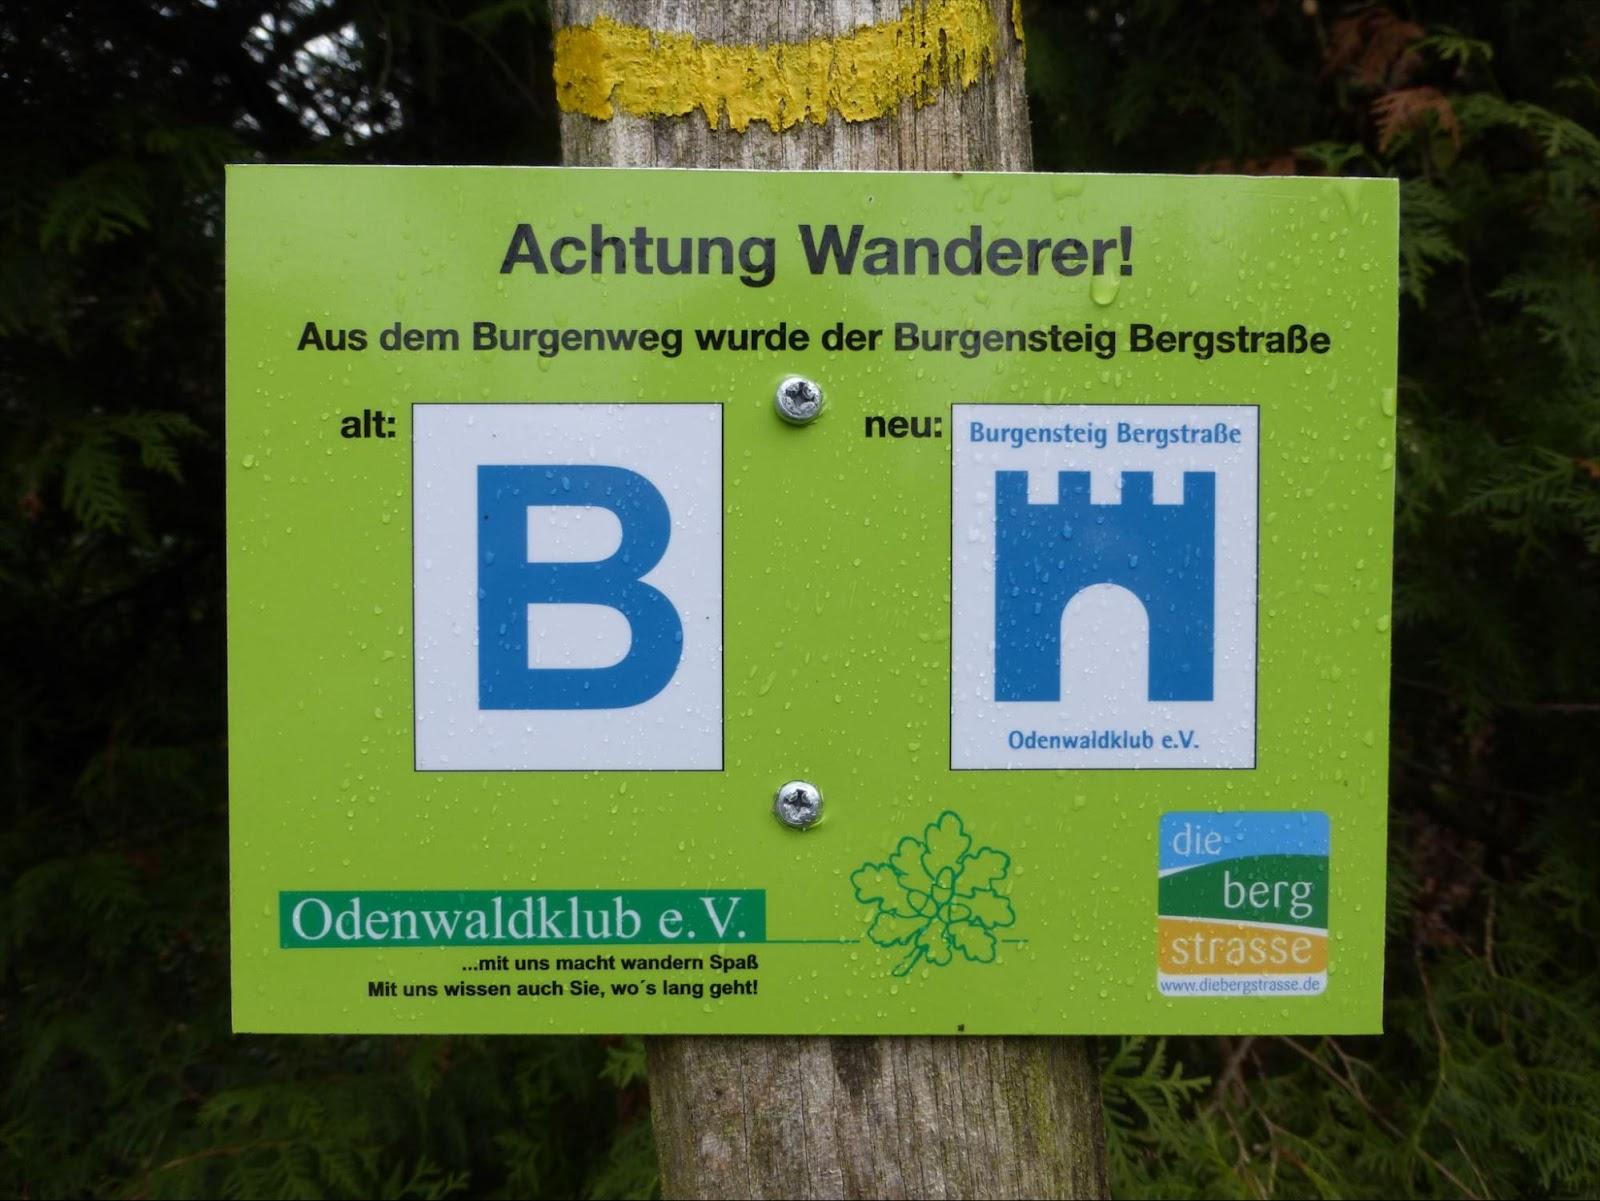 Achtung Wanderer!